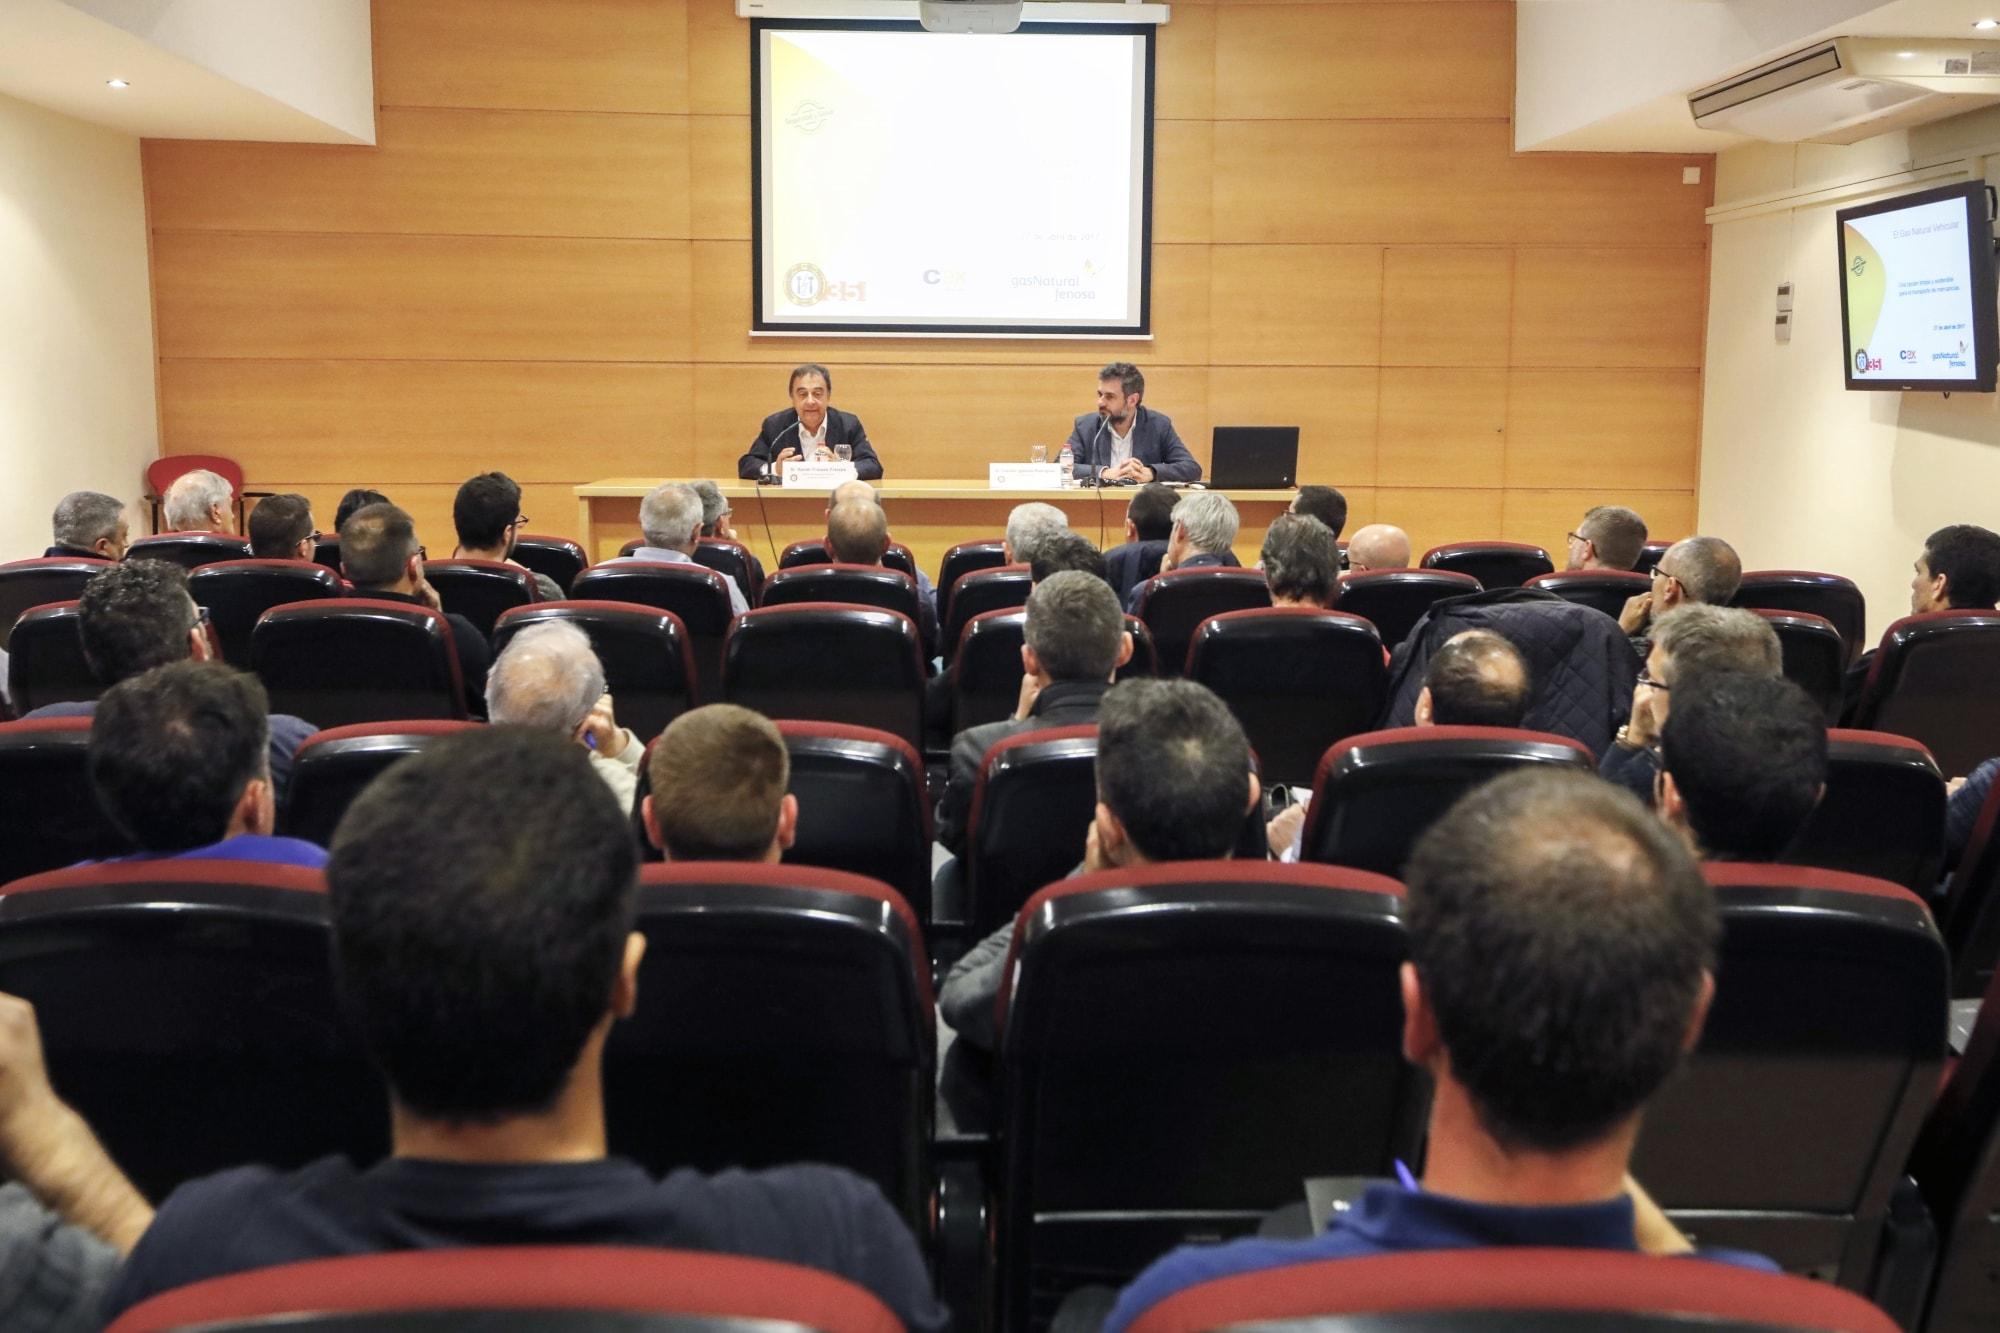 A.P AUTOMOCIÓ realiza una jornada formativa para los profesionales del sector de automoción